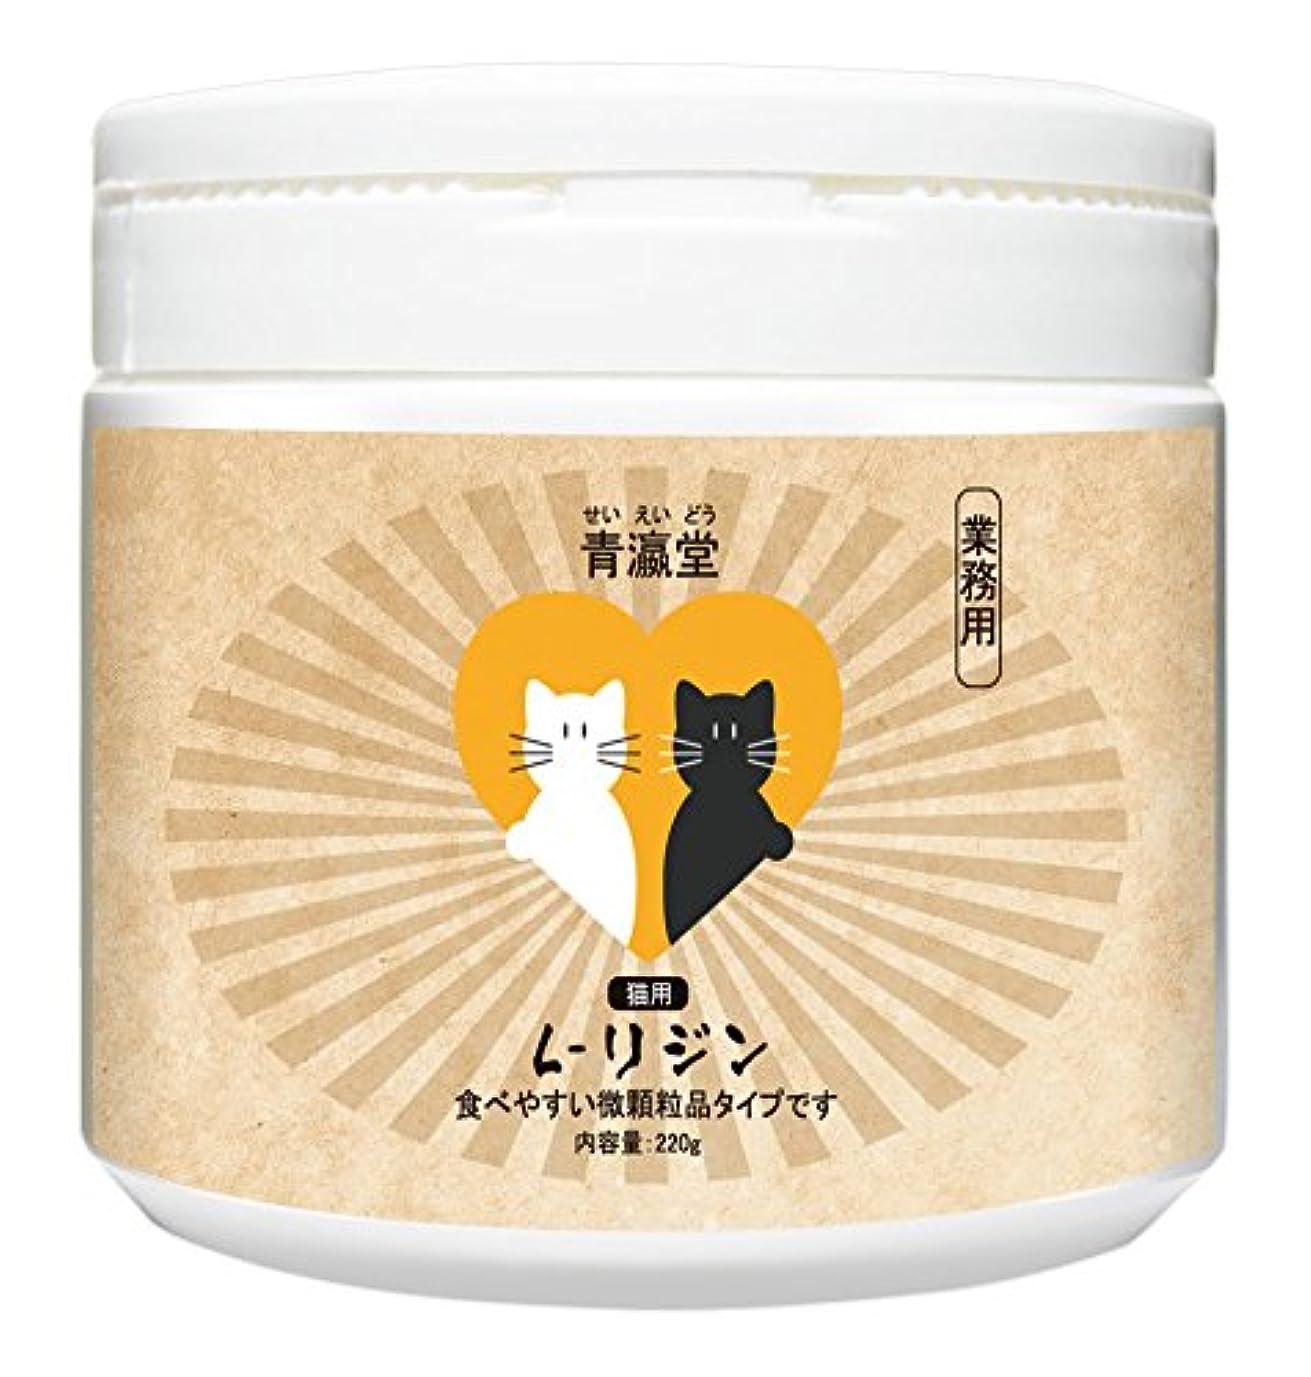 昇るデータベースイタリック青瀛堂(せいえいどう) 猫用 Lーリジン(220g) 微顆粒品 計量スプーン付き 日本製